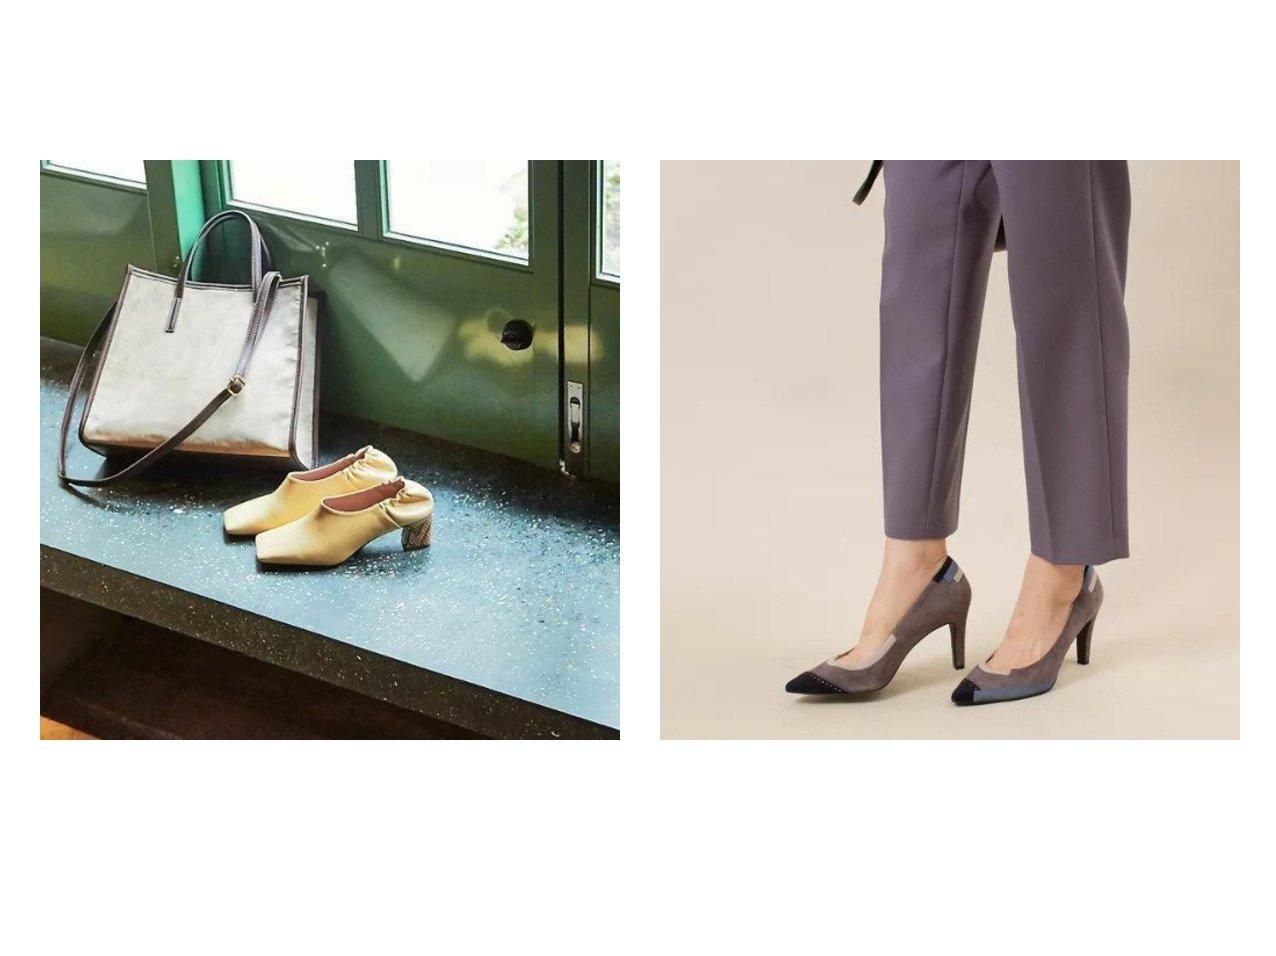 【Piche Abahouse/ピシェ アバハウス】のワイドスクエアトゥ パンプス&【Au BANNISTER/オゥ バニスター】のSaffree パッチワーク ハイヒールパンプス シューズ・靴のおすすめ!人気、トレンド・レディースファッションの通販  おすすめで人気の流行・トレンド、ファッションの通販商品 メンズファッション・キッズファッション・インテリア・家具・レディースファッション・服の通販 founy(ファニー) https://founy.com/ ファッション Fashion レディースファッション WOMEN シューズ ドット ヌーディ ベーシック 今季 冬 Winter 春 Spring 楽ちん インソール 秋 Autumn/Fall 定番 Standard 人気 ハイヒール パッチワーク |ID:crp329100000010854